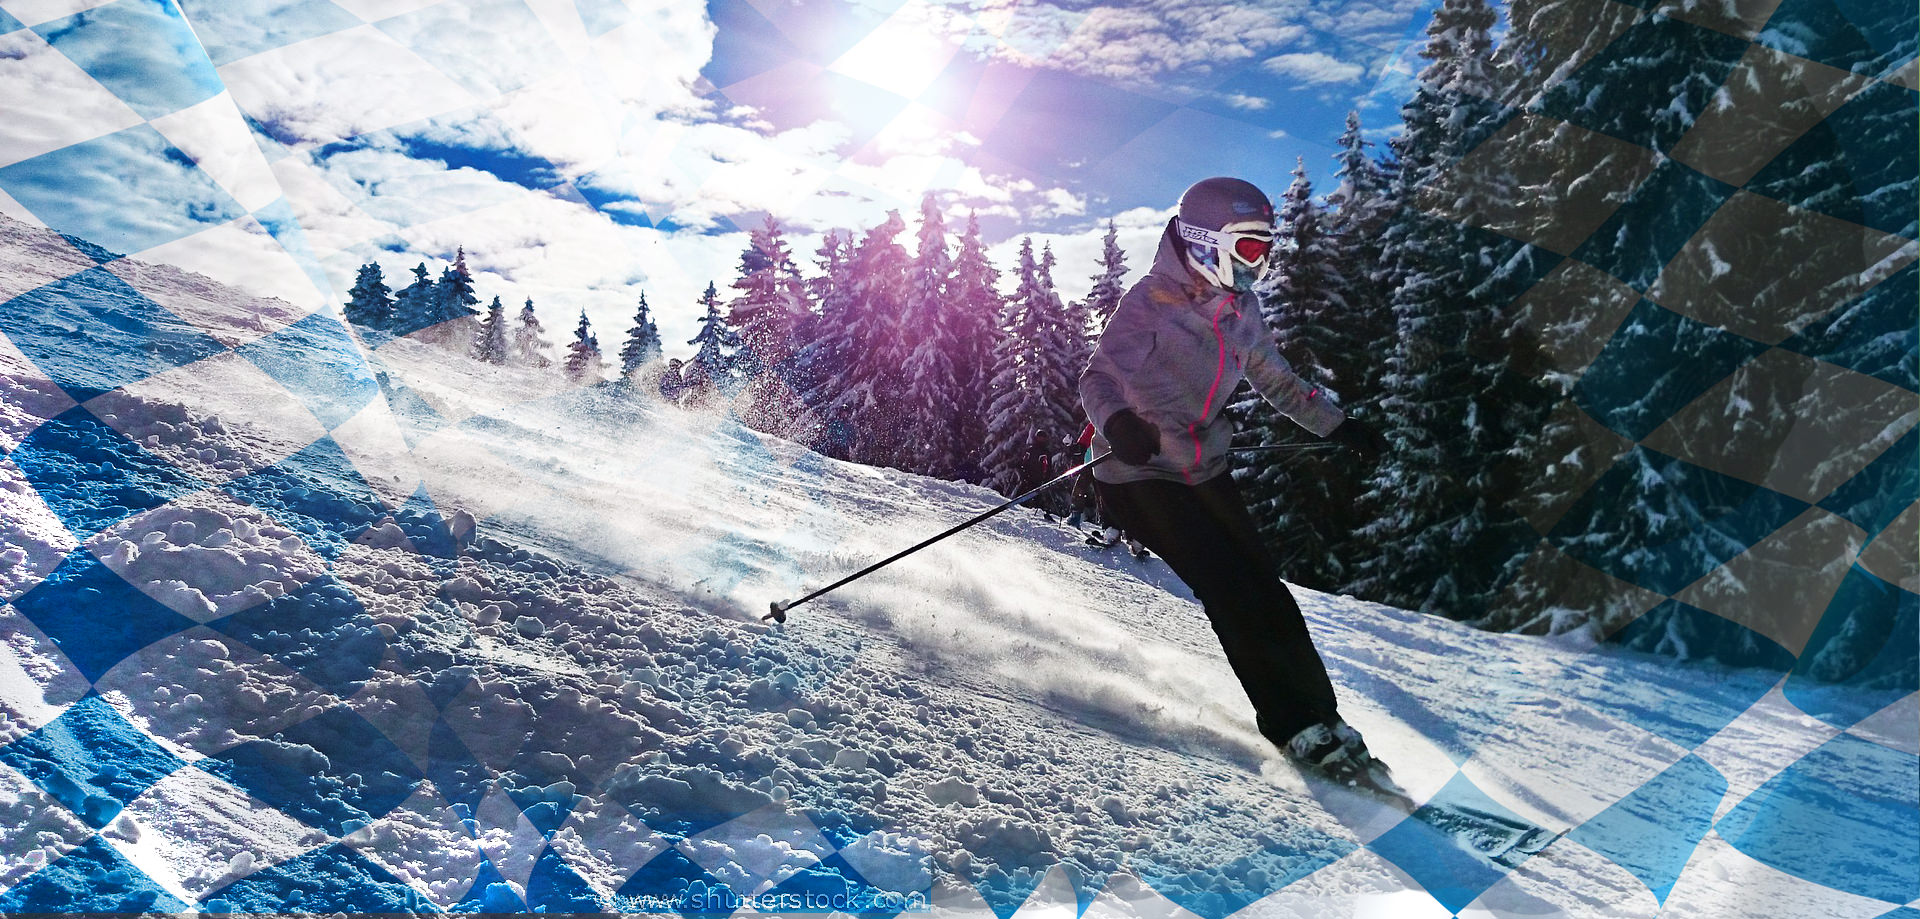 wintersport im bayerischer wald ferienwohnung ingrid besendorfer. Black Bedroom Furniture Sets. Home Design Ideas